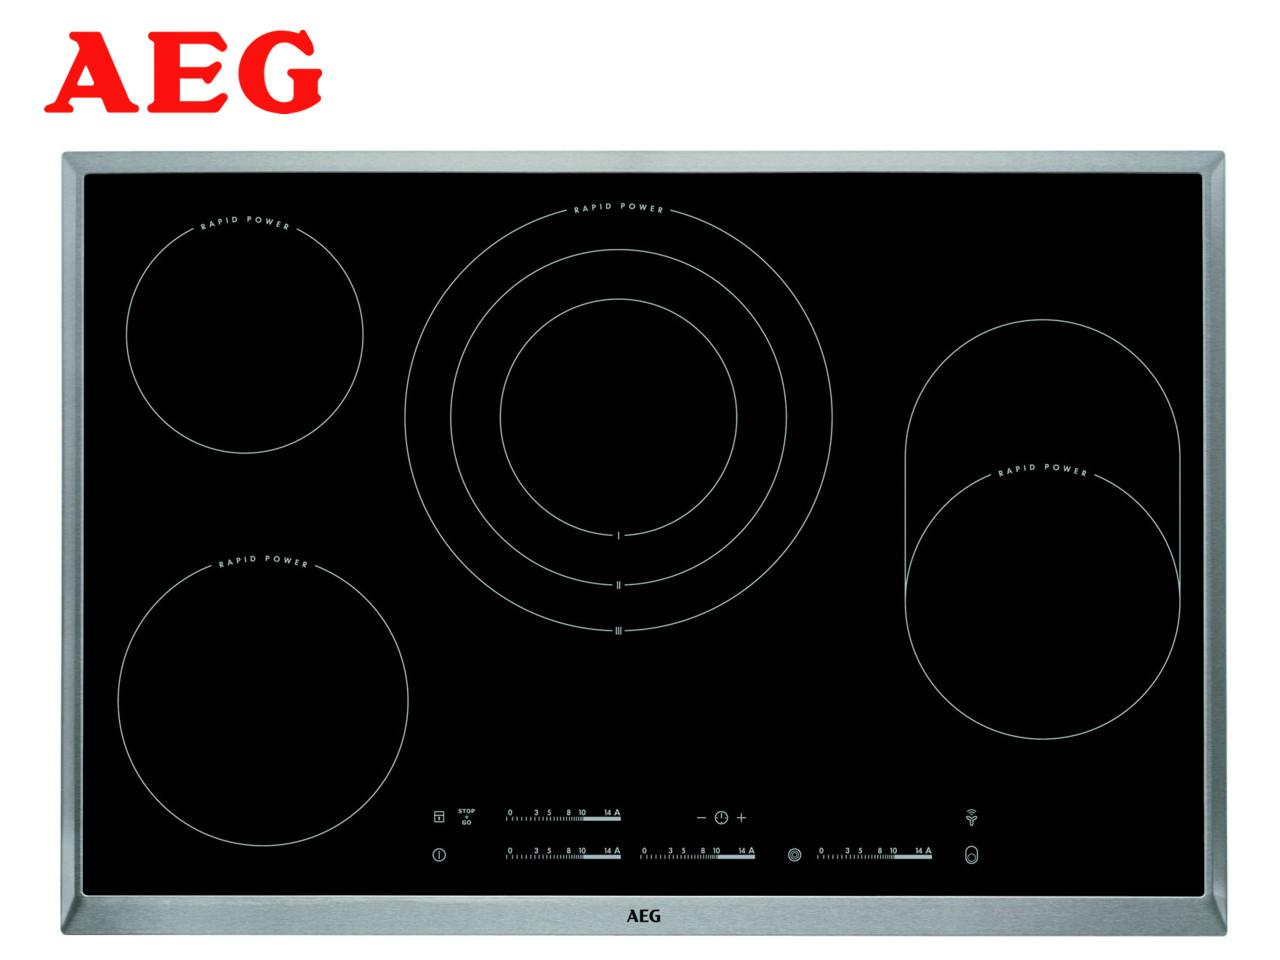 AEG HK854870XB + 400 Kč na dárky nebo další nákup | CHAT on-line podpora PO-PÁ 8-22.00!!